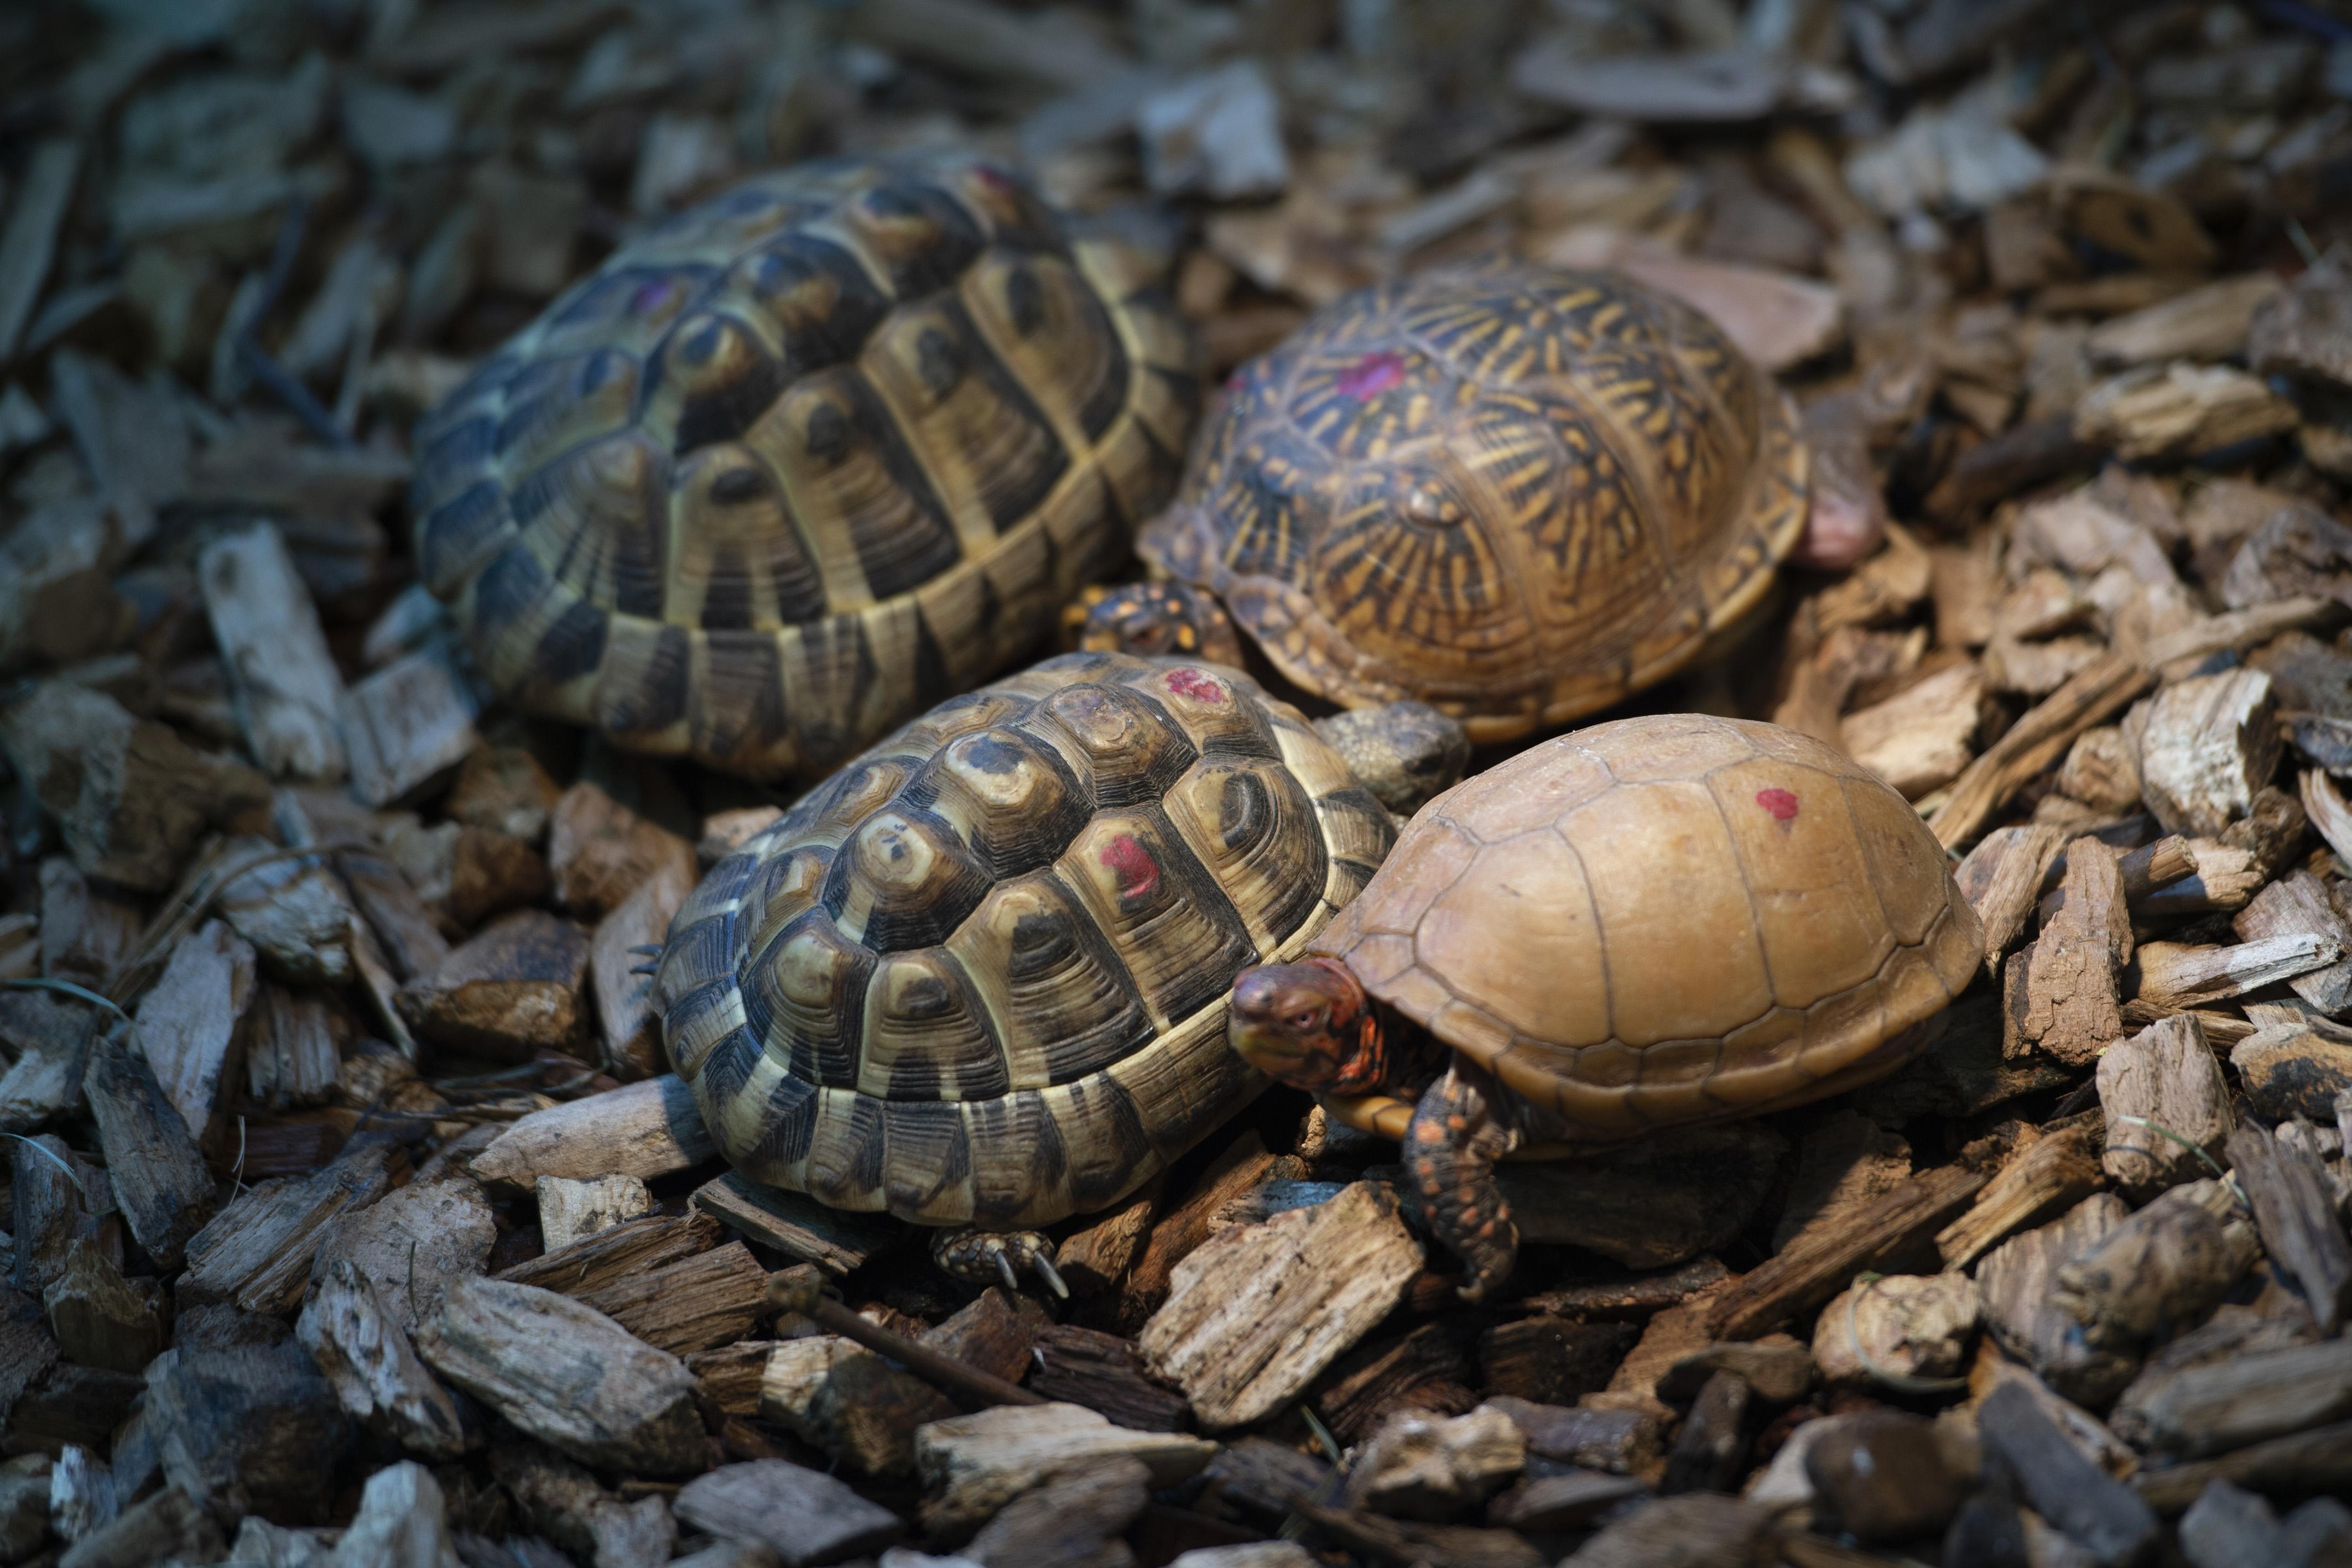 Elköltözött a család, de a házi teknős inkább visszament oda, ahol régen laktak